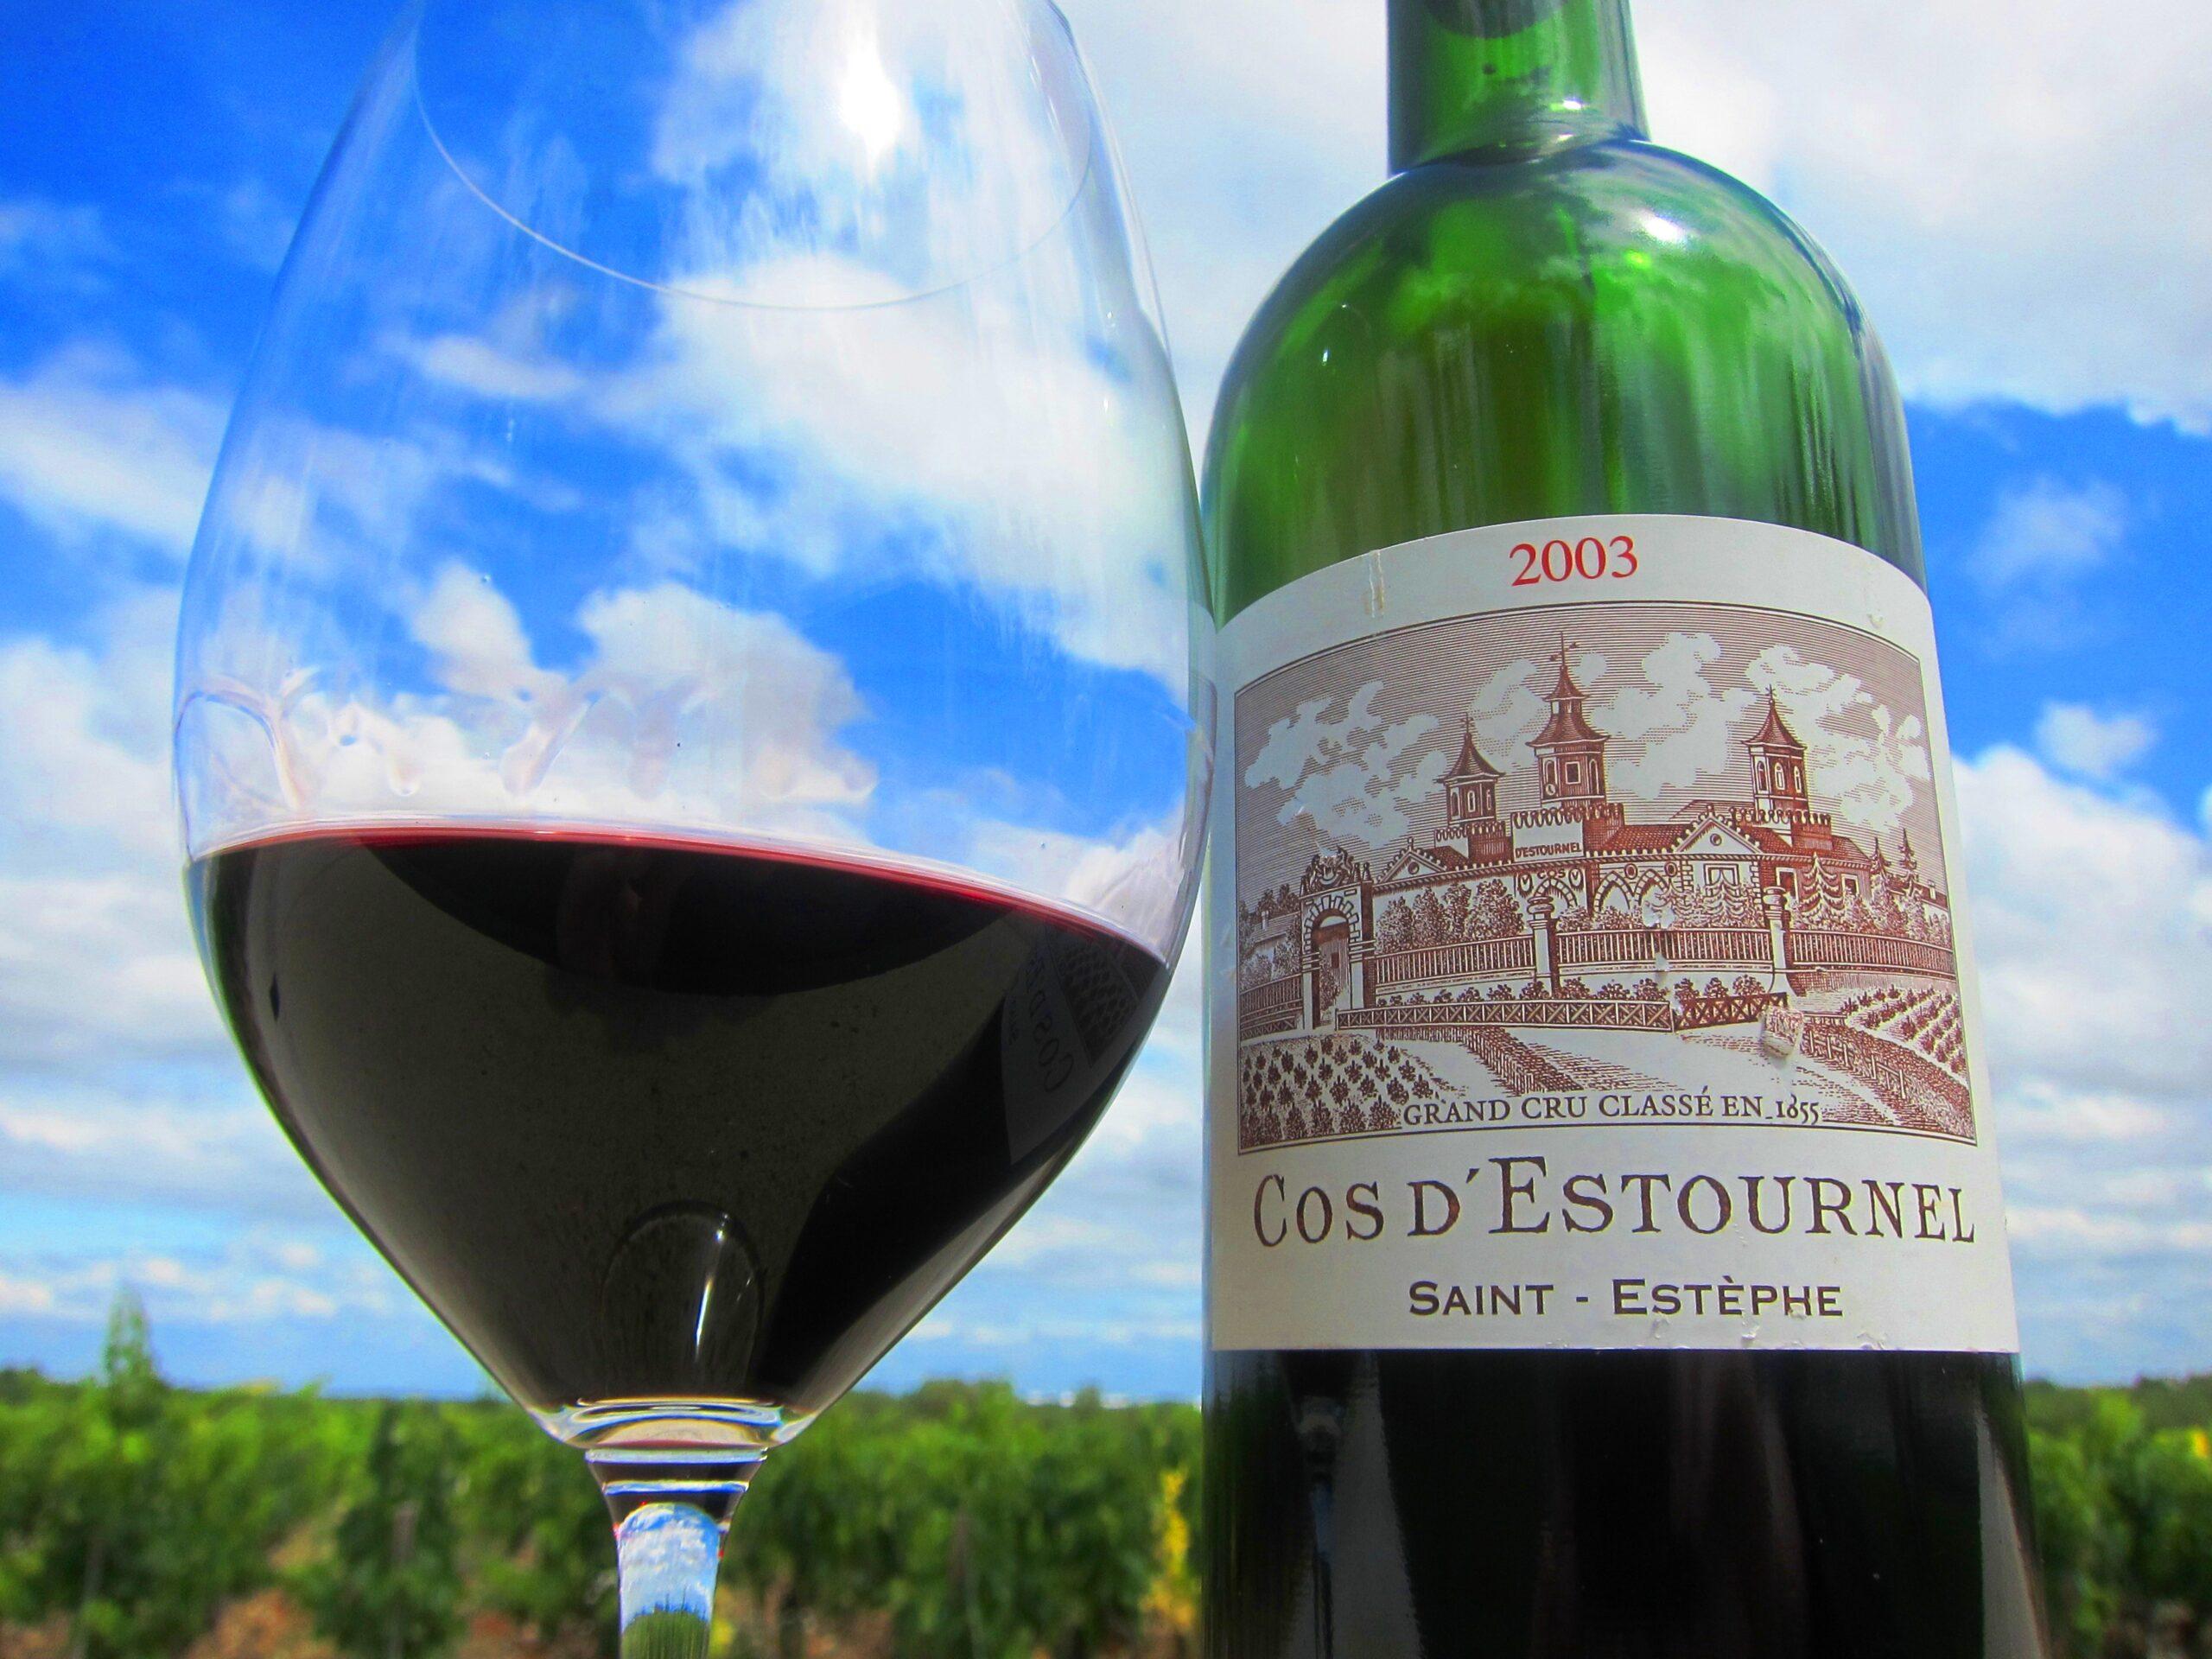 2010 Cos d'Estournel, 2003 Cos d'Estournel with Jean Guillaume Prats